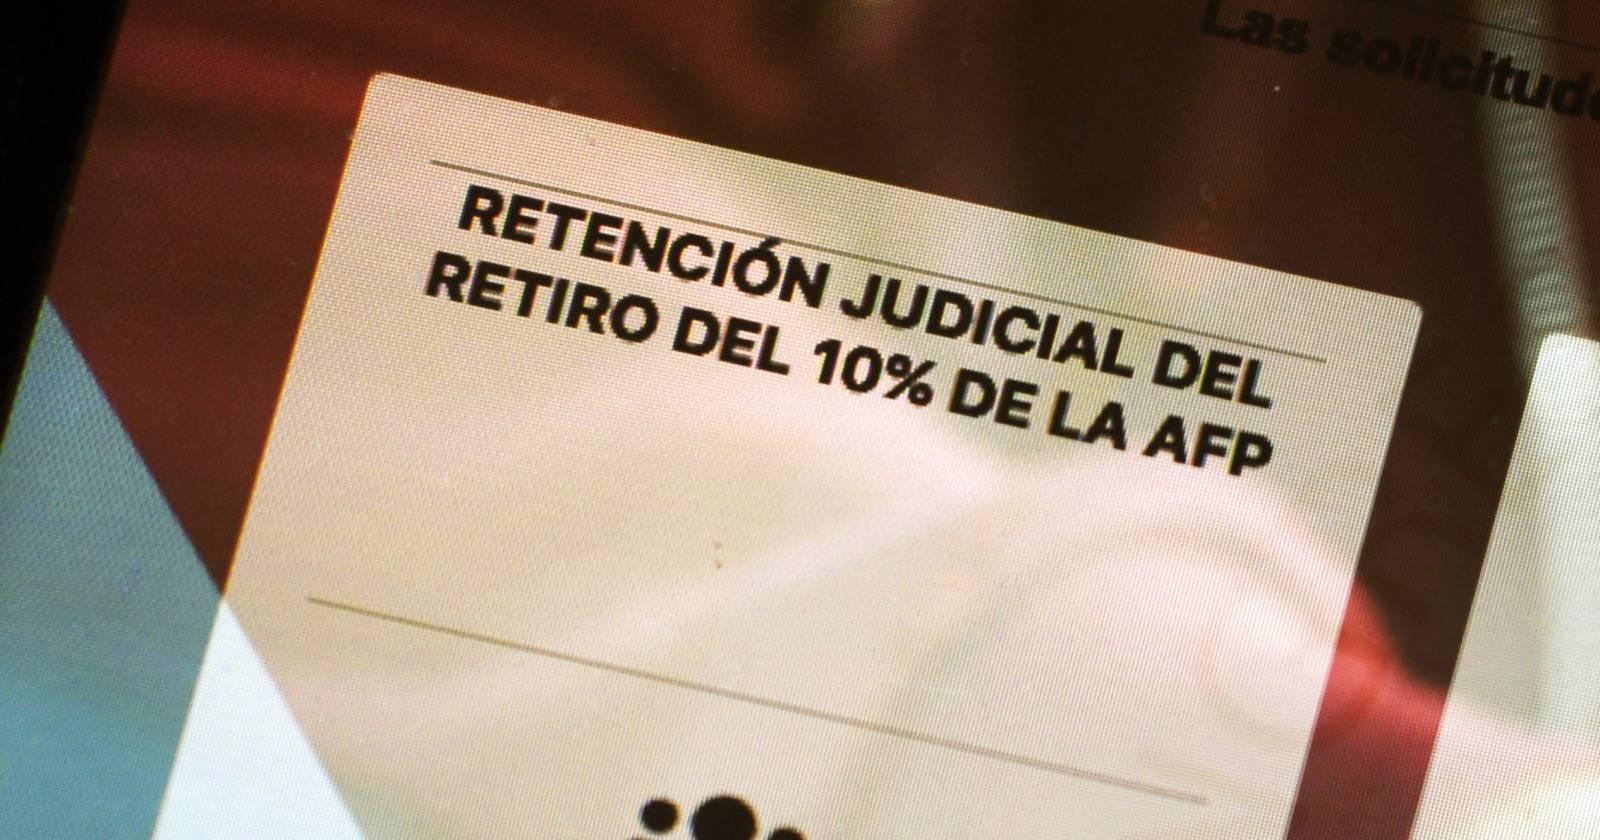 Cómo se prepara el Poder Judicial ante posible segunda retención a deudores de pensiones por retiro del 10%